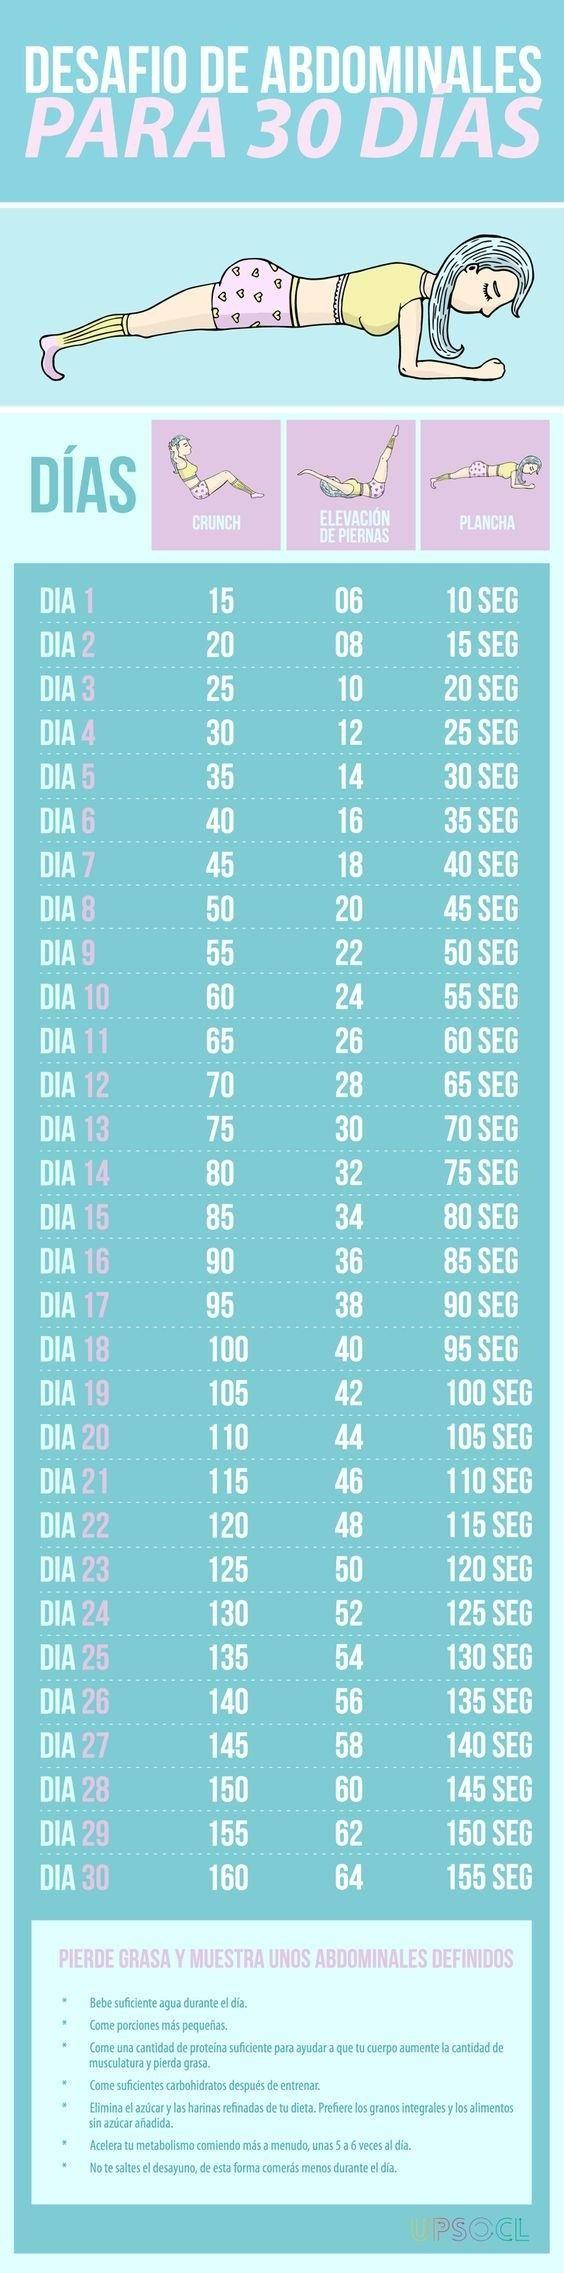 Empieza un reto de 30 días y ve aumentando la dificultad poco a poco.   21 Trucos para empezar a hacer ejercicio y no morir en el intento